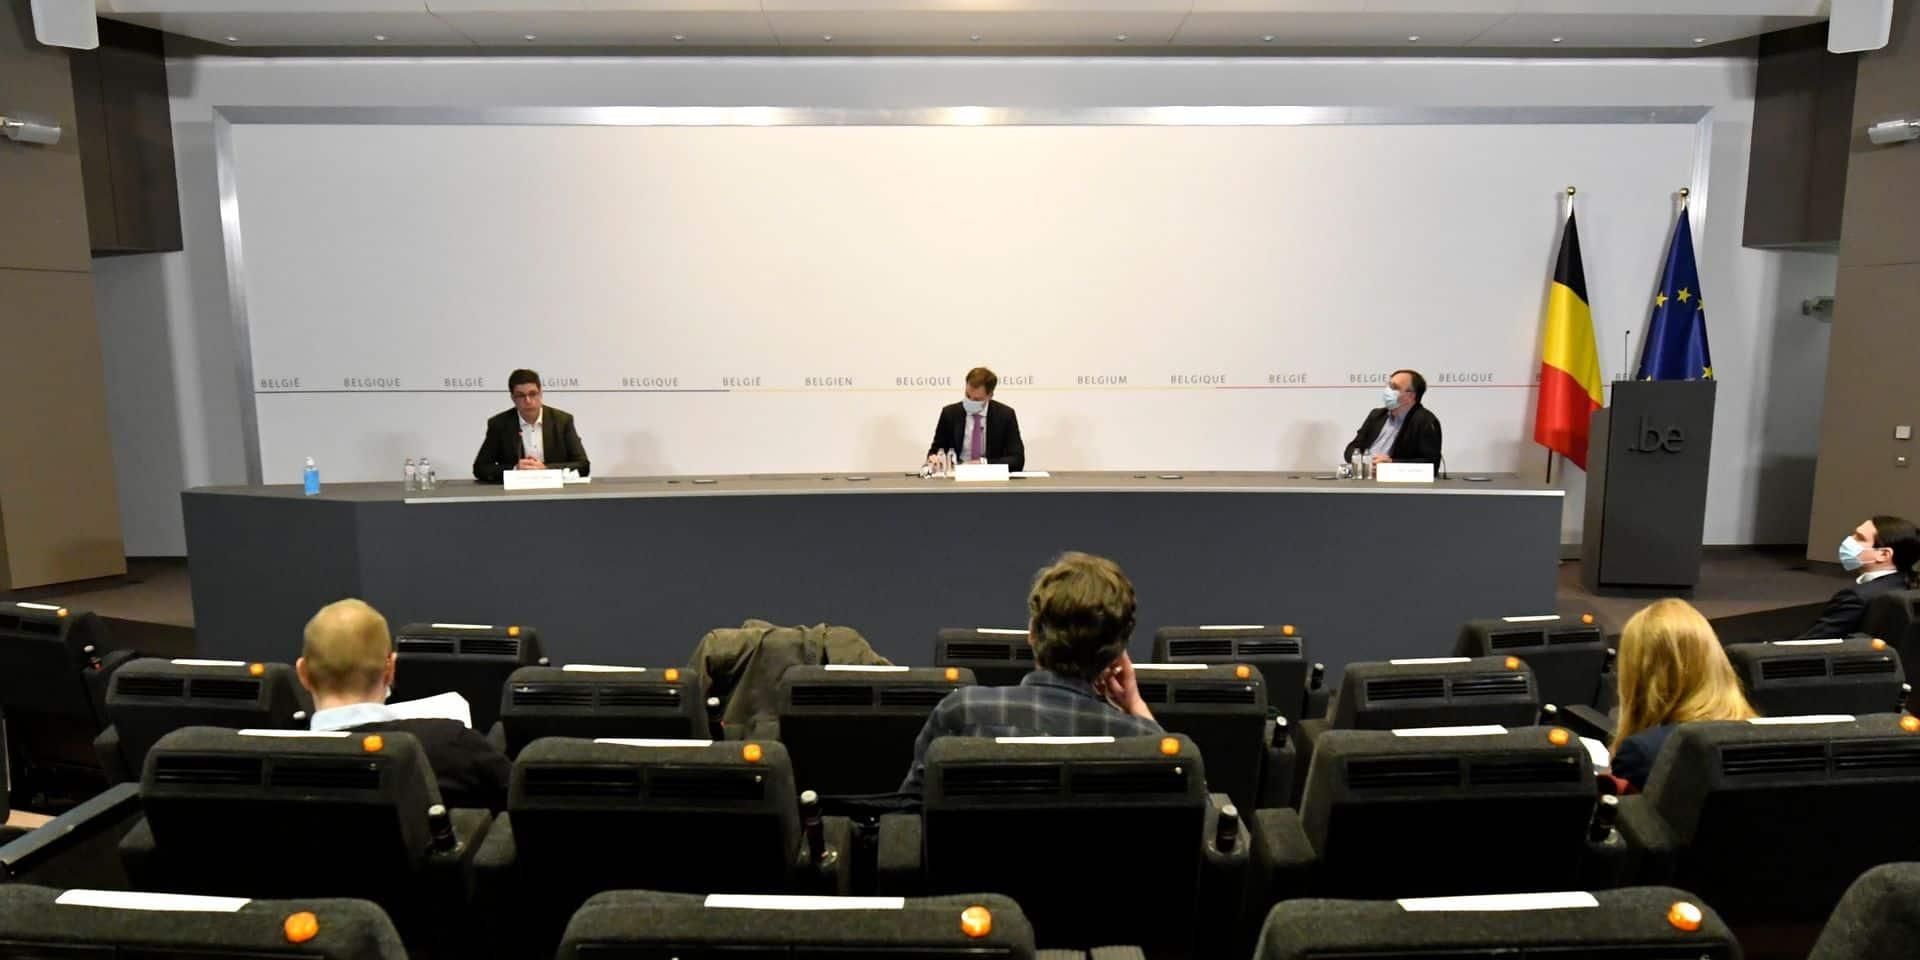 """""""Un léger goût d'usurpation"""", """"Une première"""", """"Cela laisse apparaître un vice du gouvernement"""": la presse belge étonnée face à la conférence de presse de De Croo"""